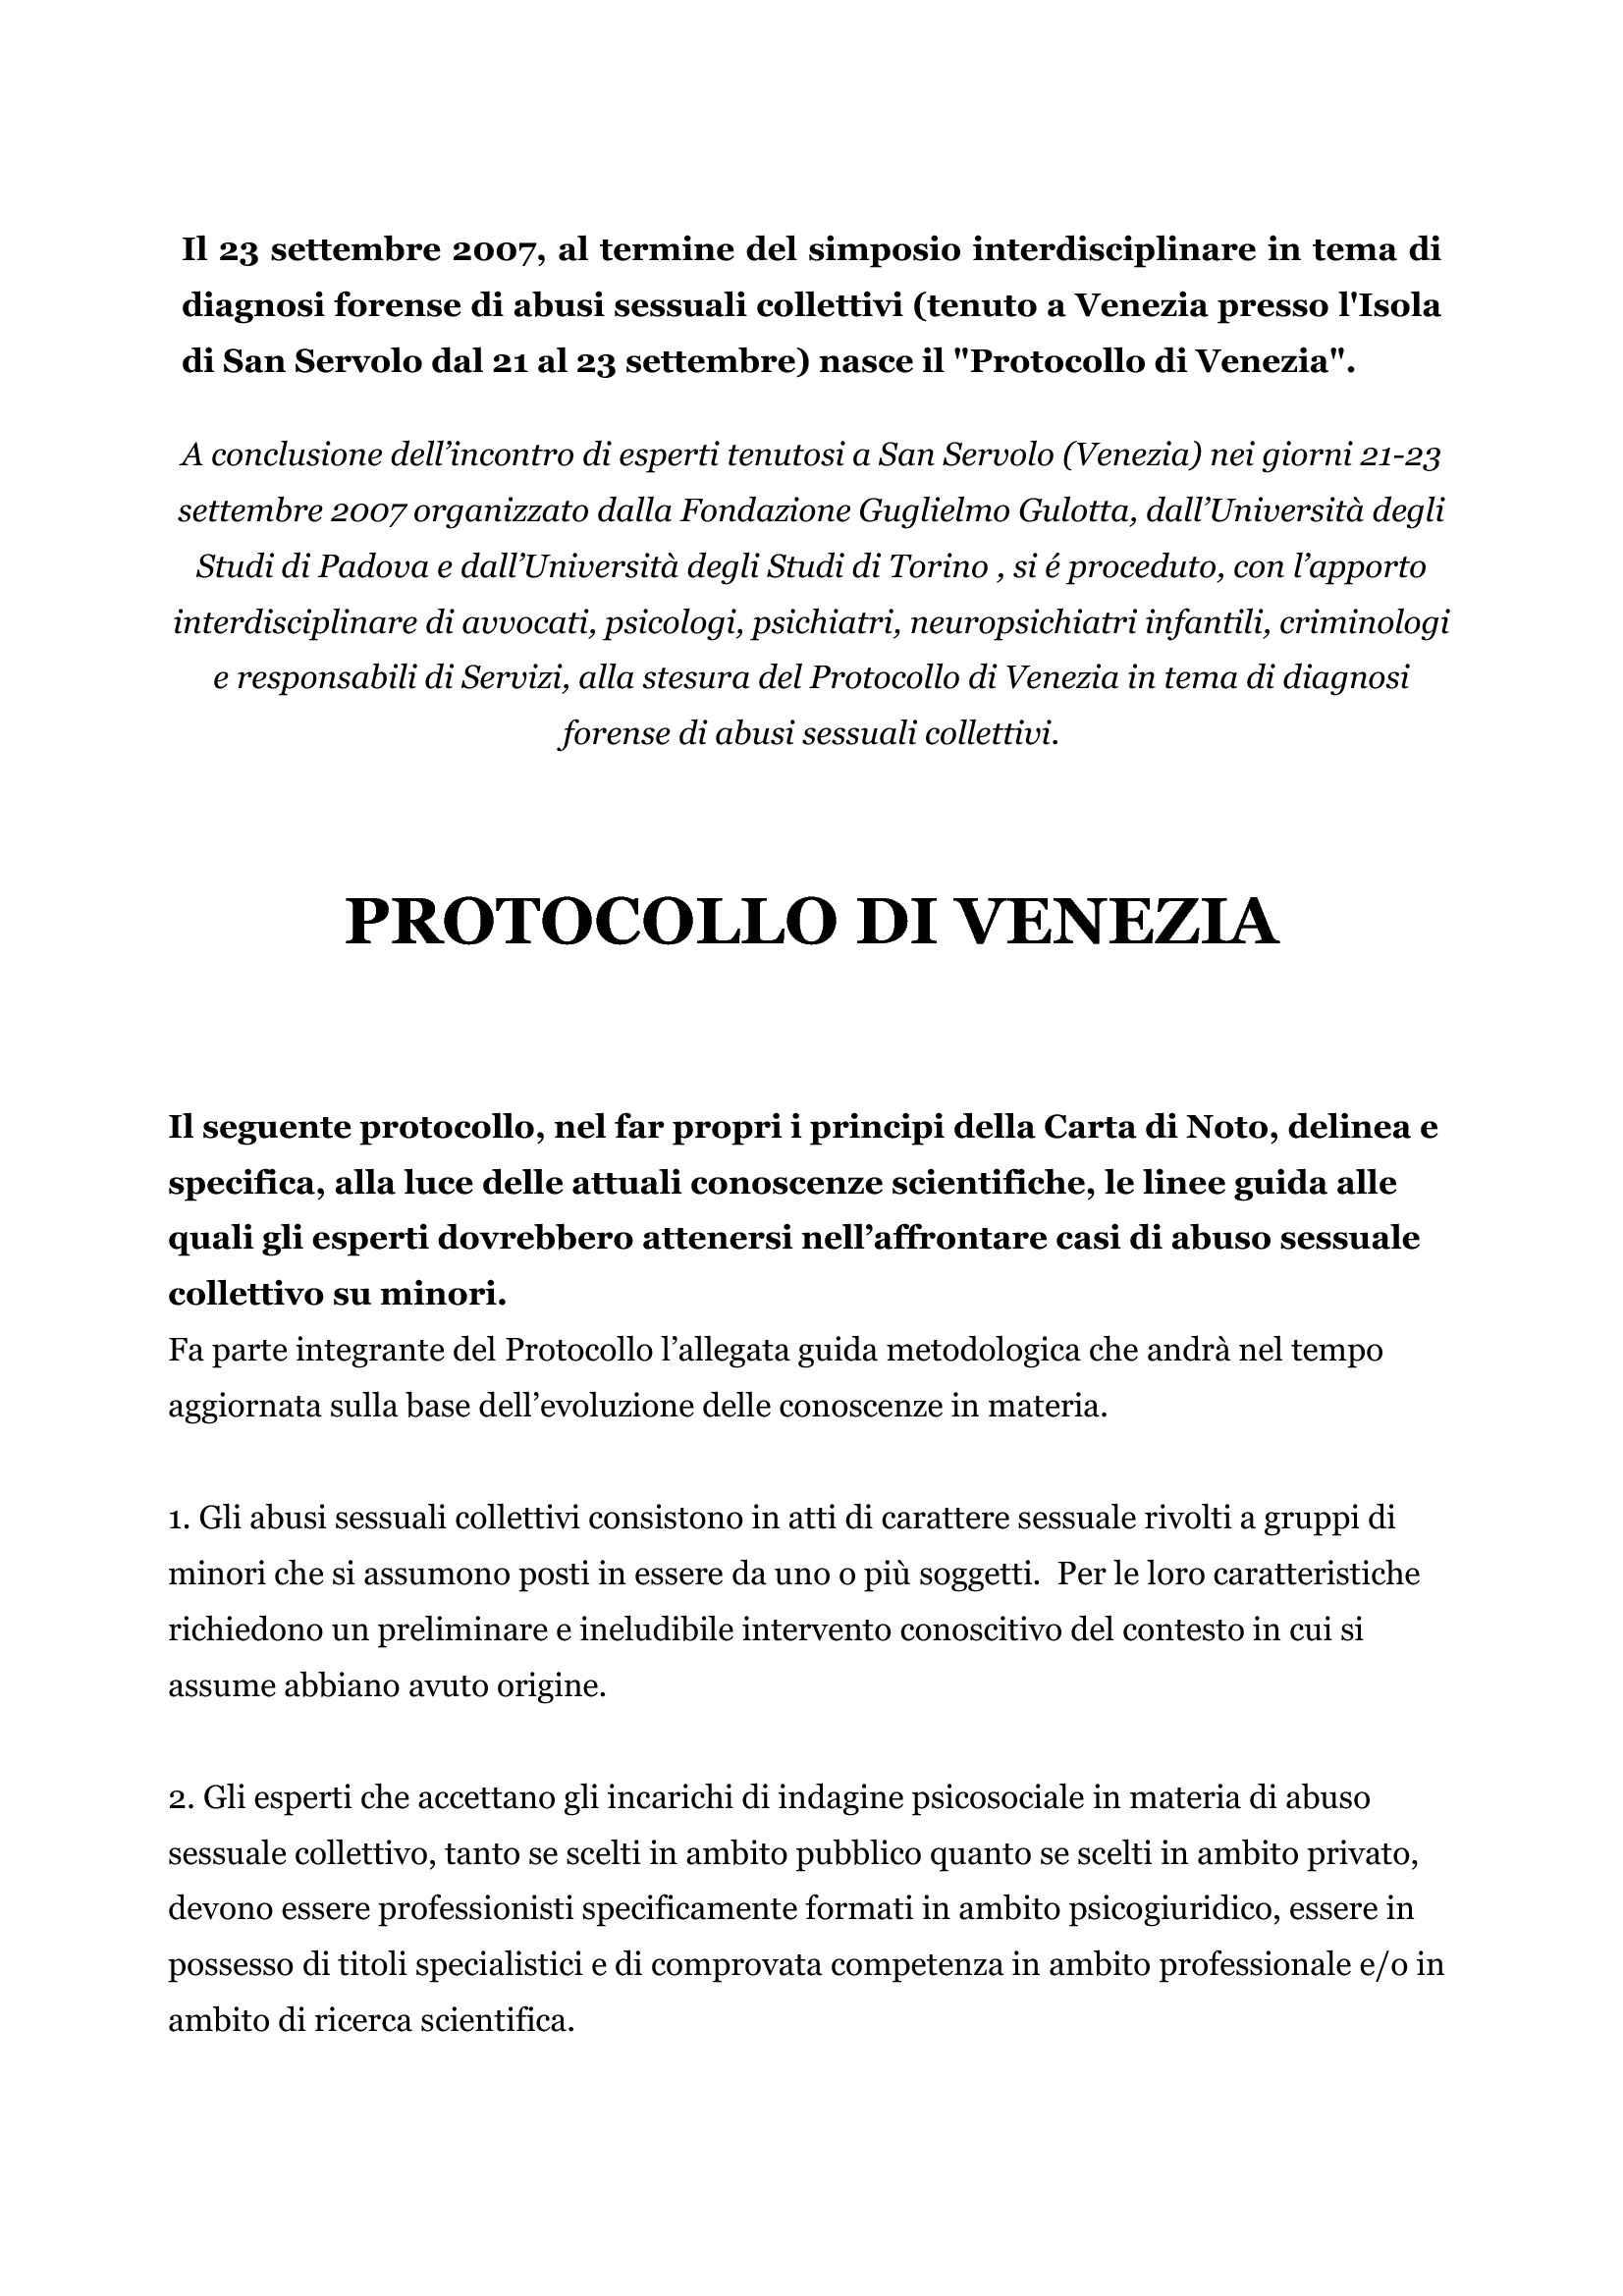 Protocollo di Venezia